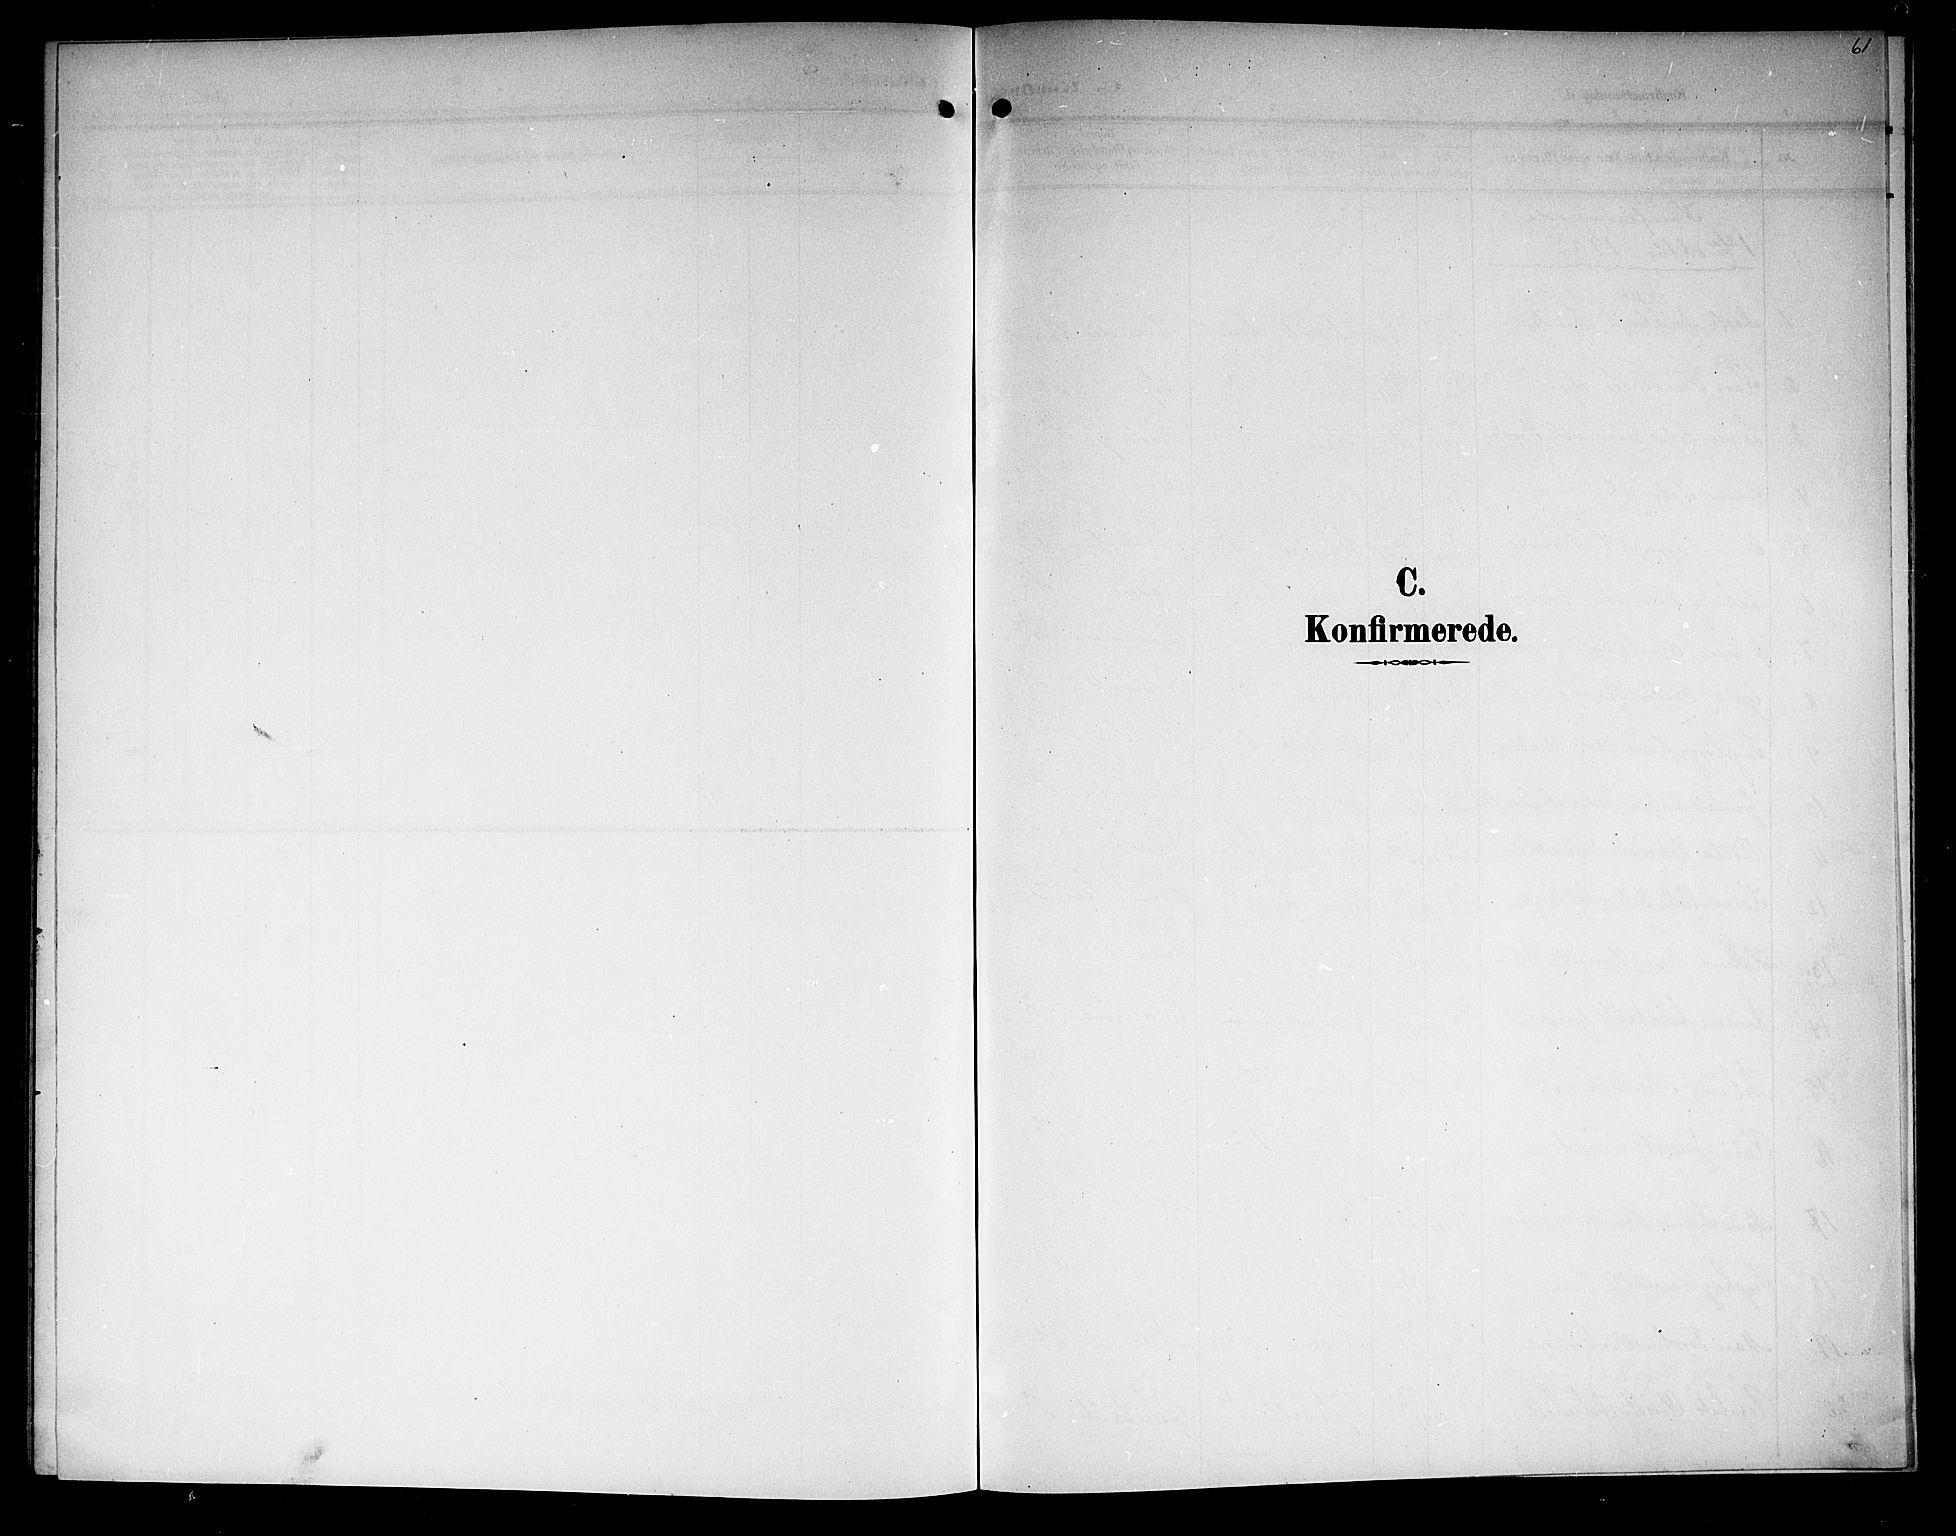 SAKO, Lunde kirkebøker, G/Ga/L0004: Klokkerbok nr. I 4, 1906-1914, s. 61